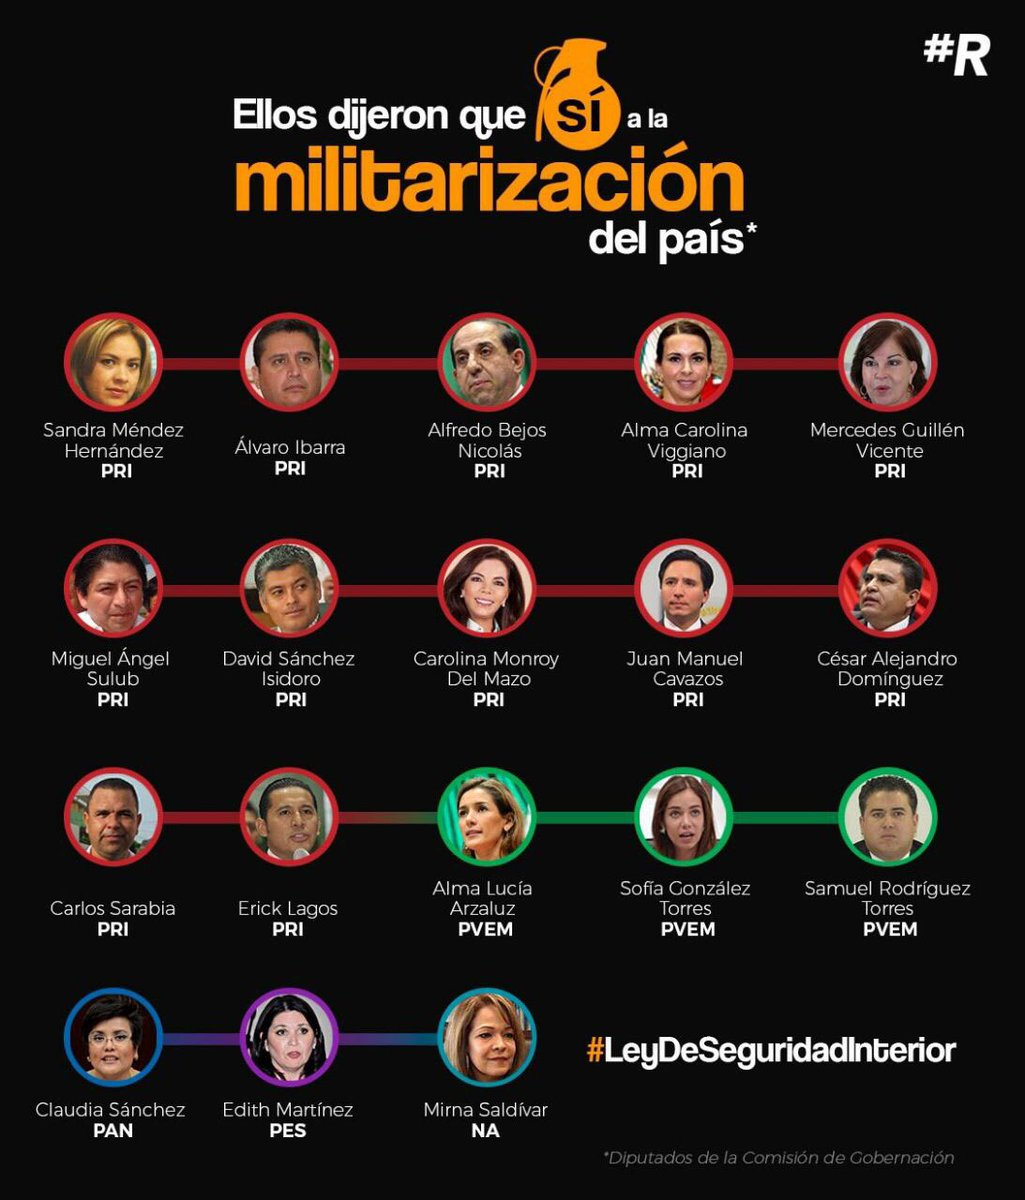 Aquí la la lista de los diputados que votaron en favor de la #LeydeSeguridadInterior y dijeron sí a la militarización. A reclamarles. Que les cueste la carrera política y el futuro y el voto y la reputación 👎